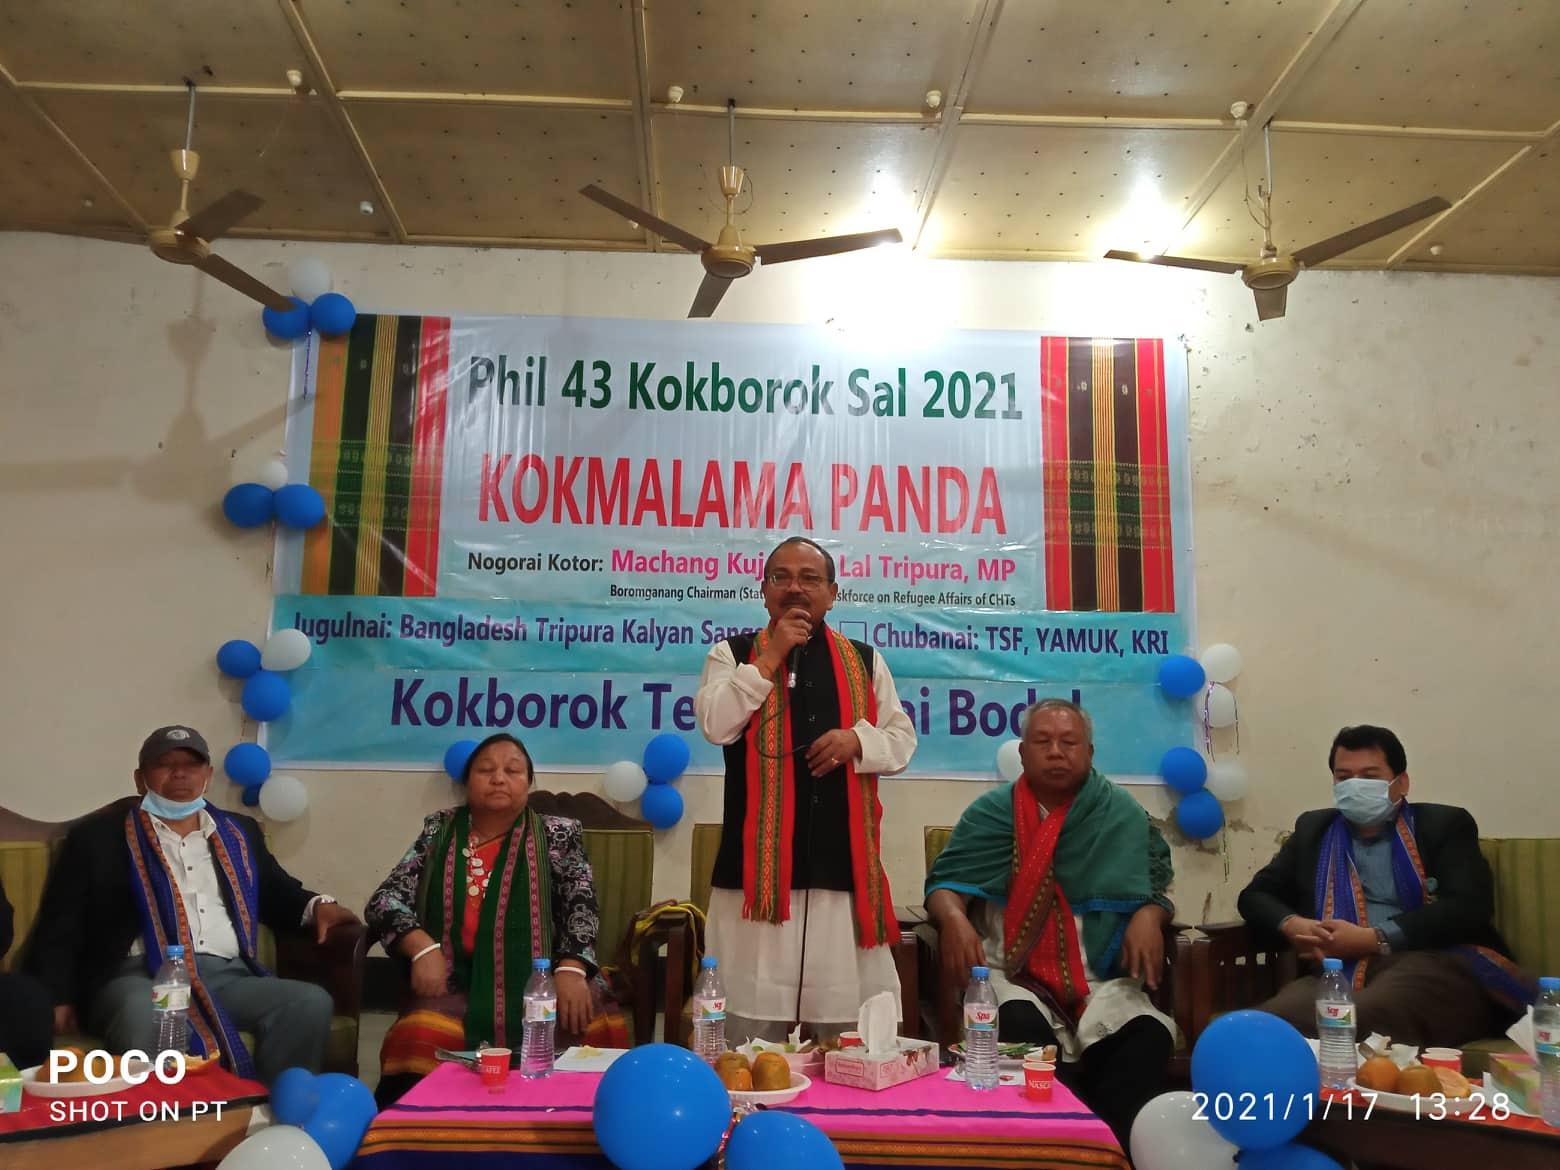 মানসম্মত শিক্ষা নিশ্চিতের আহ্বান জানালেন এমপি কুজেন্দ্র লাল ত্রিপুরা